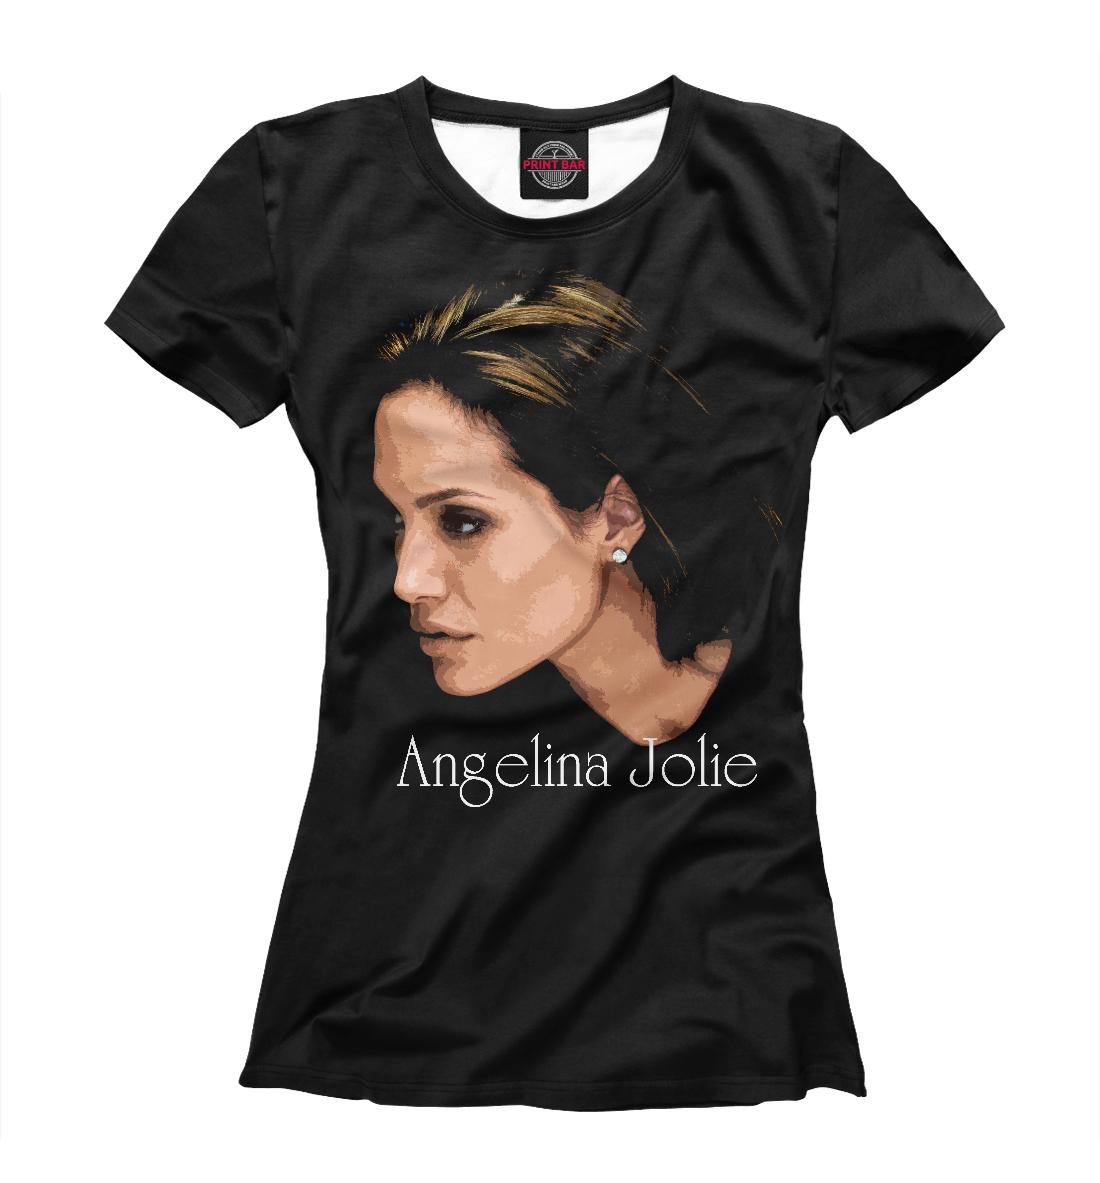 Купить Angelina Jolie, Printbar, Футболки, ANJ-662370-fut-1